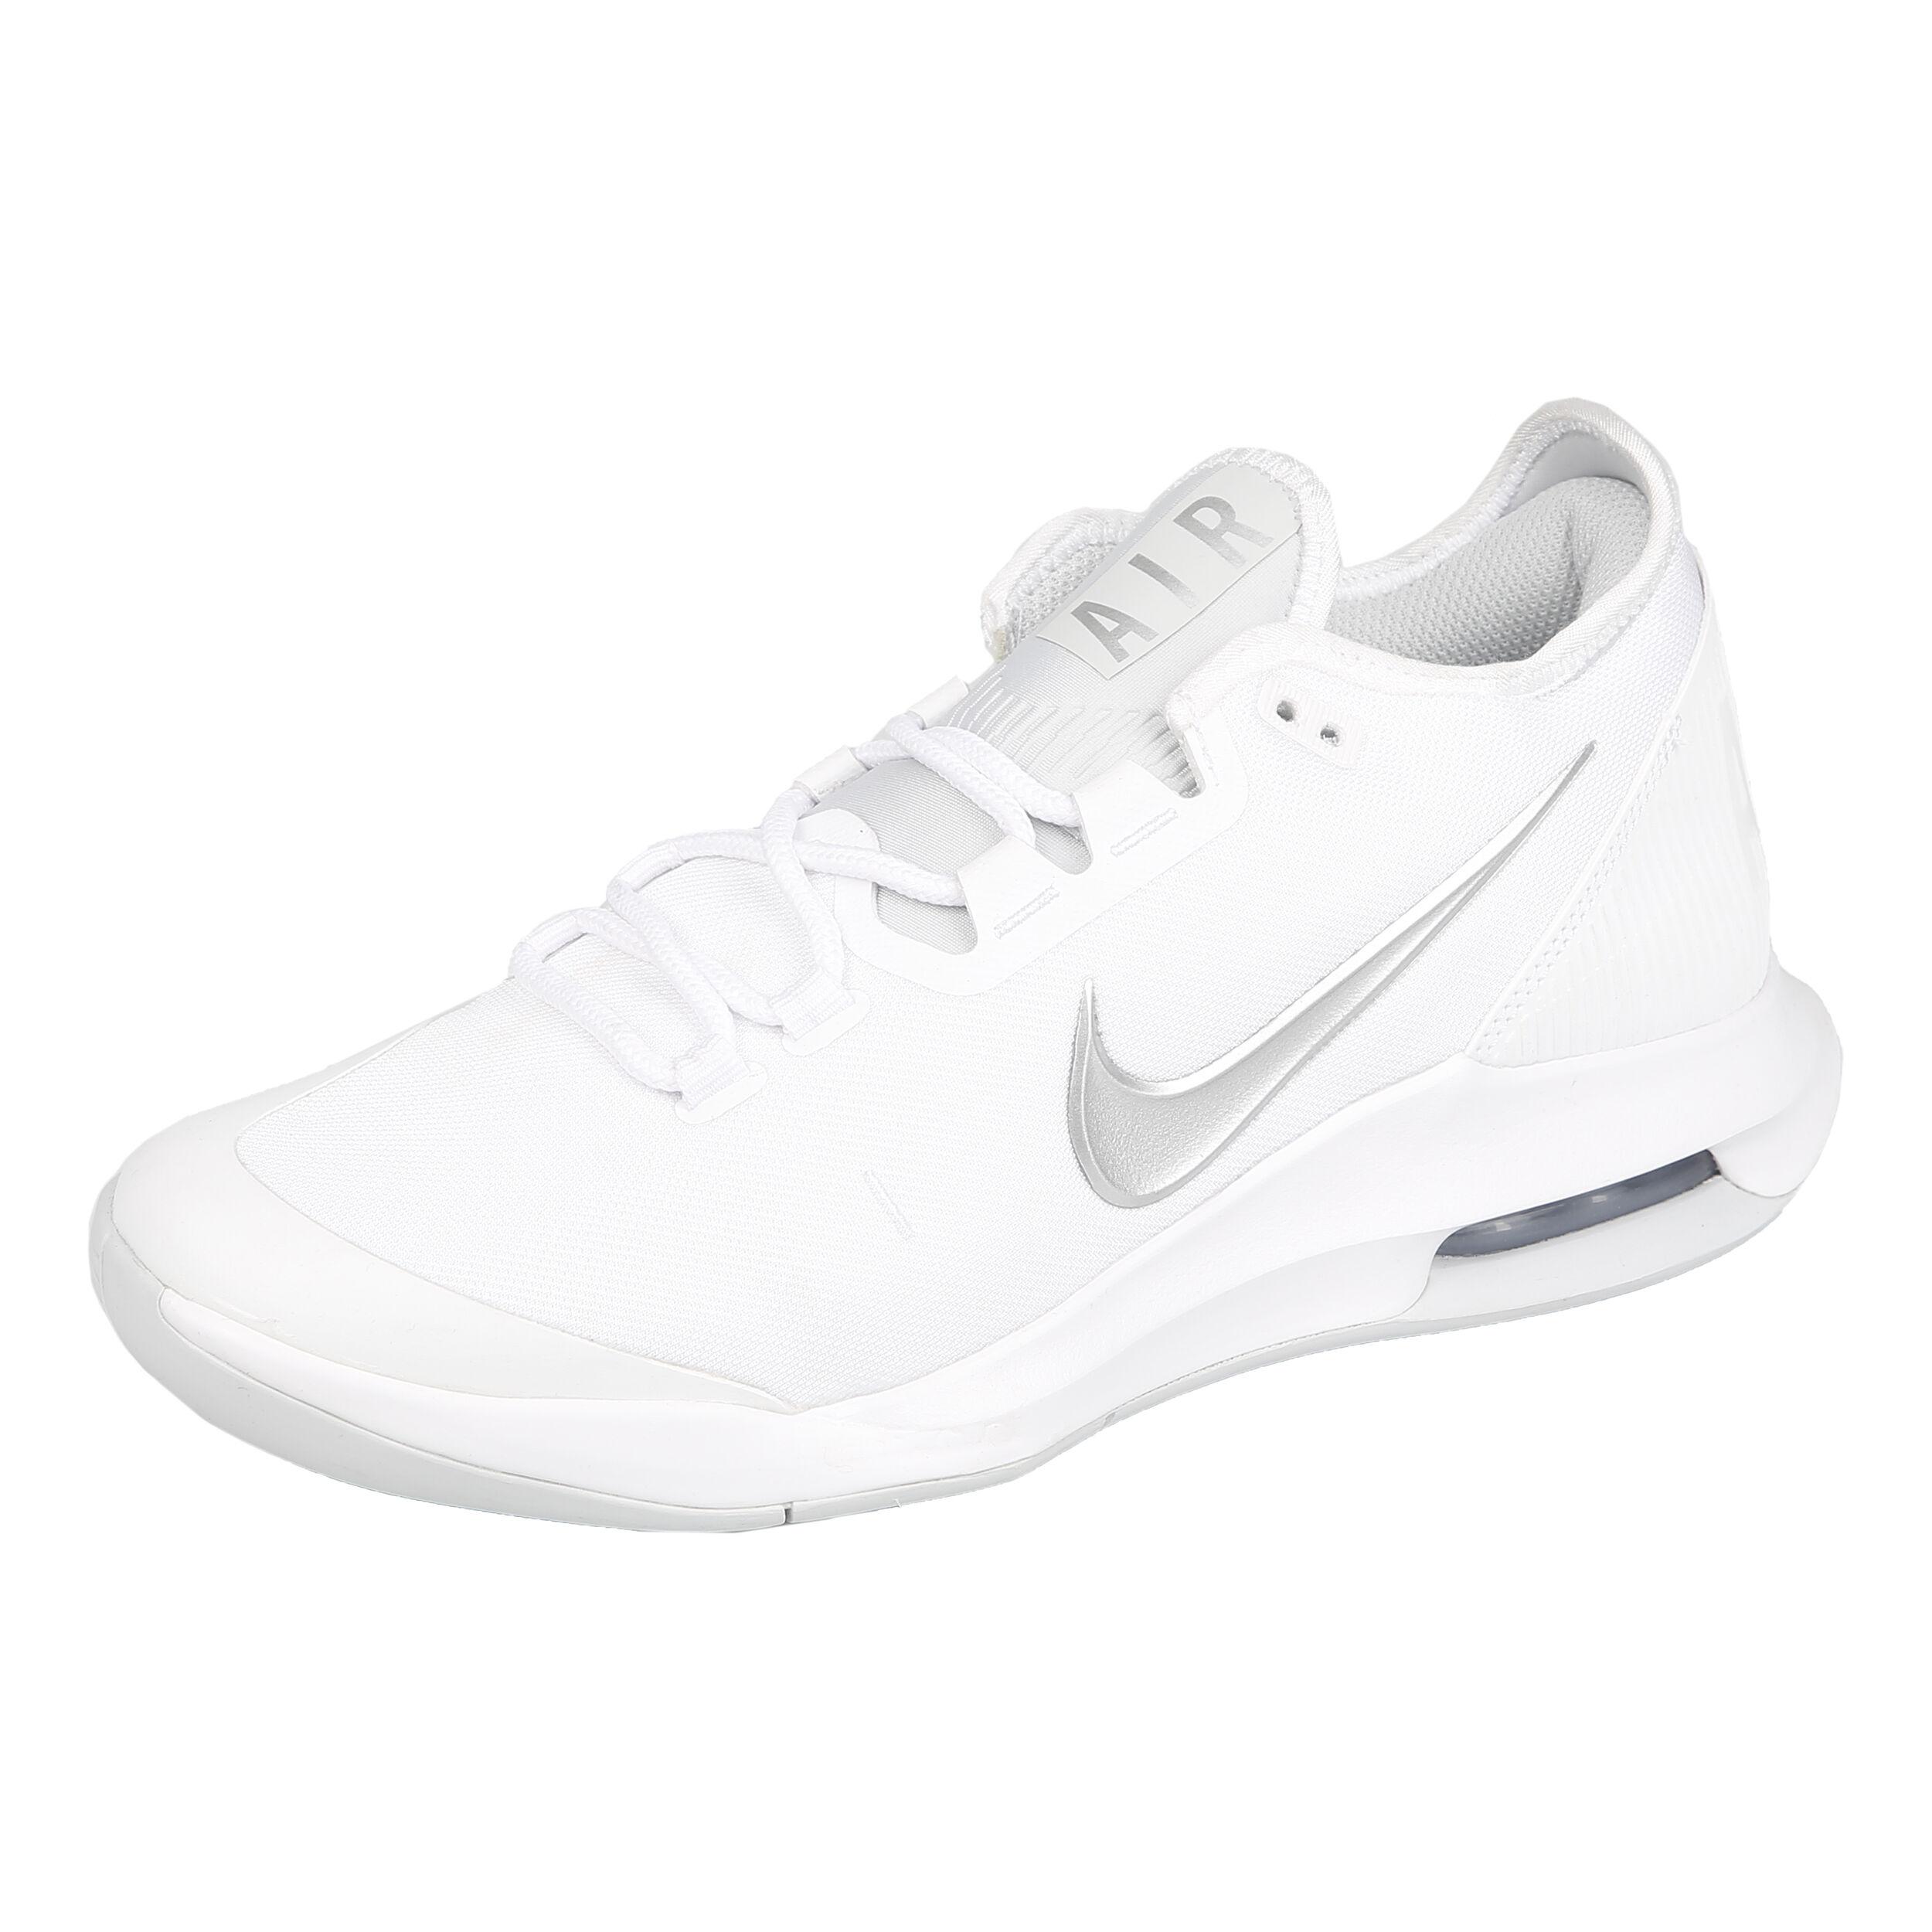 Nike Air Max Wildcard Chaussures Toutes Surfaces Femmes